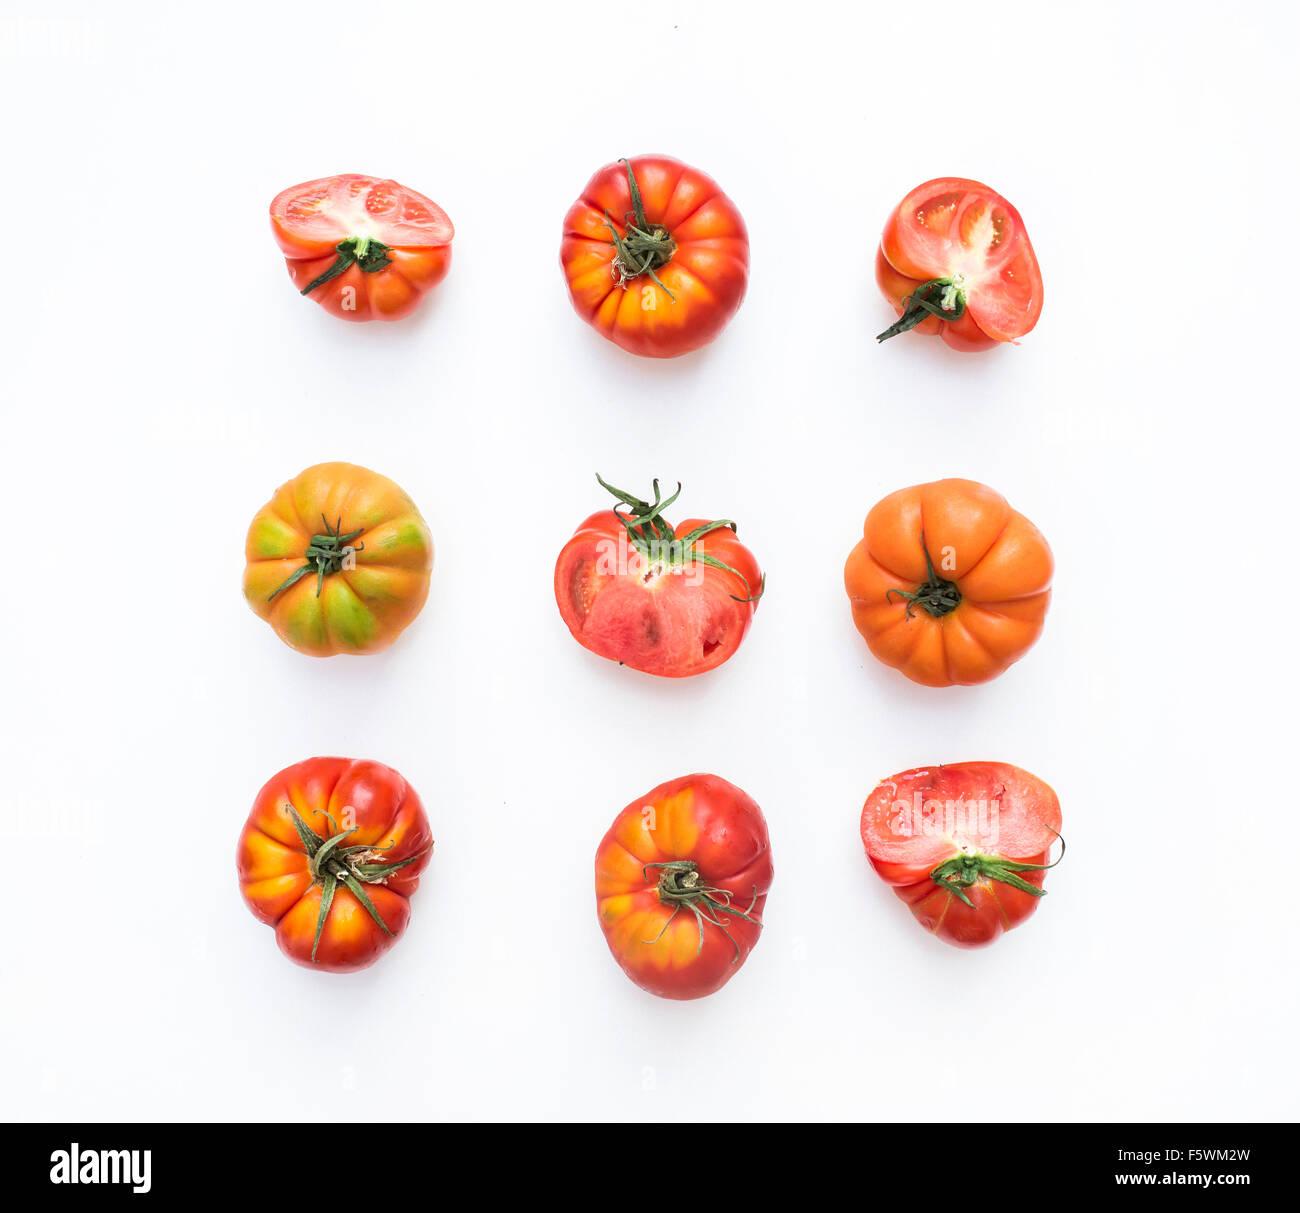 Selección de tomates reliquia sobre un fondo blanco, vista superior Imagen De Stock